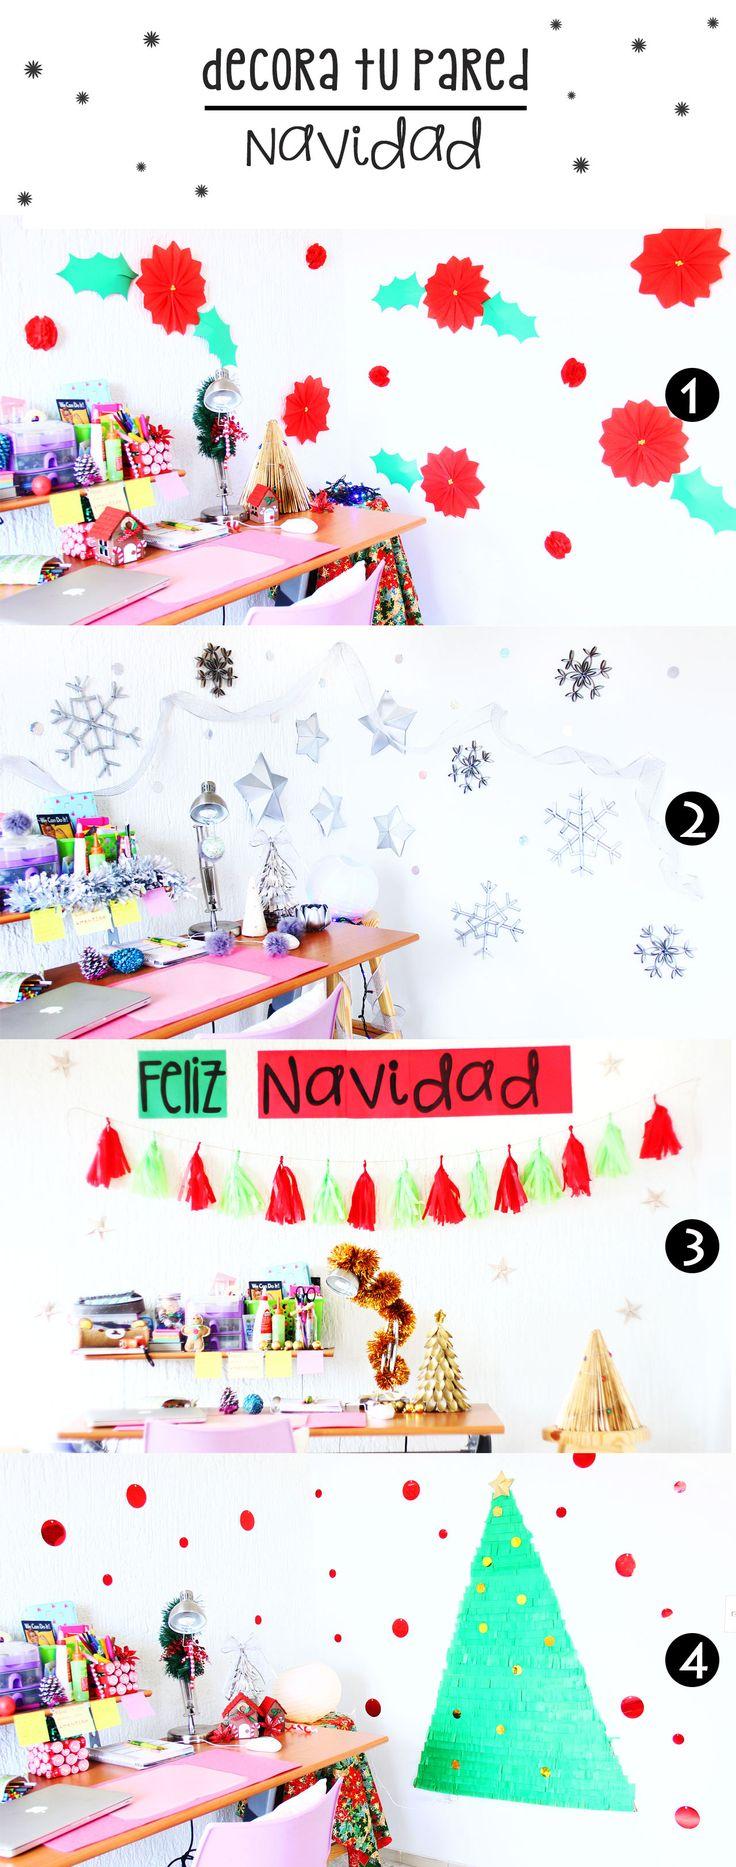 Decoraciones navideñas para la pared!